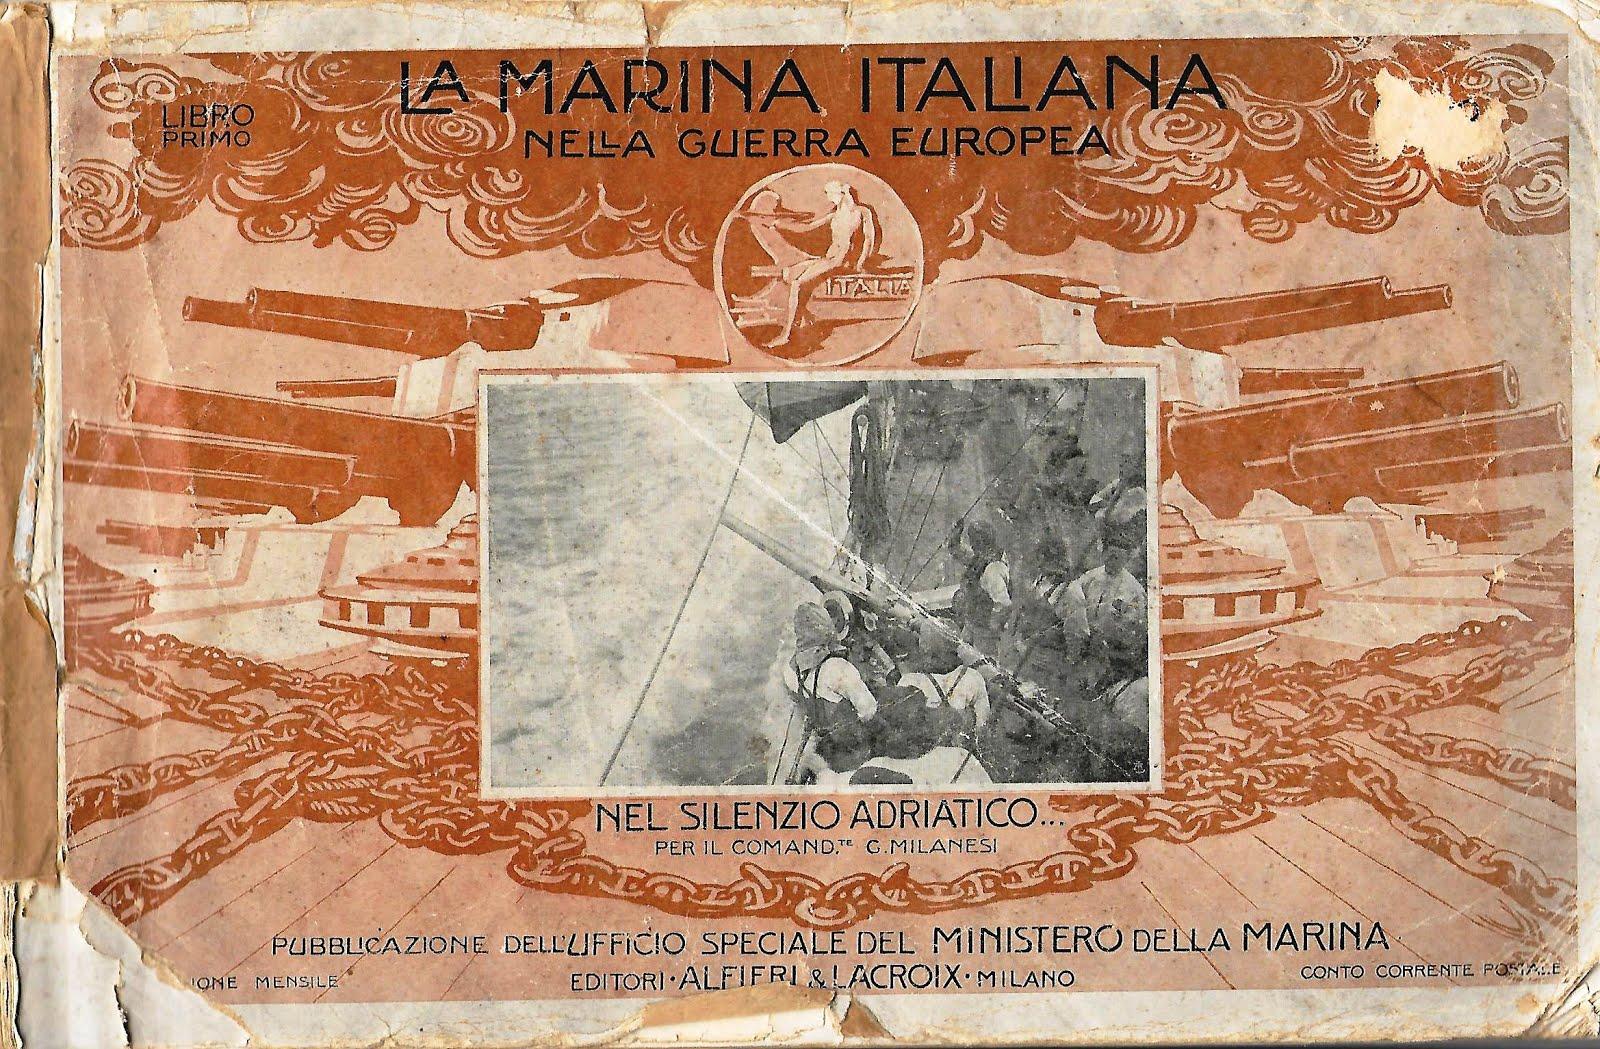 Spoleto 26 giugno 2015. Convegno La Marina Italiana Nella Guerra Europea